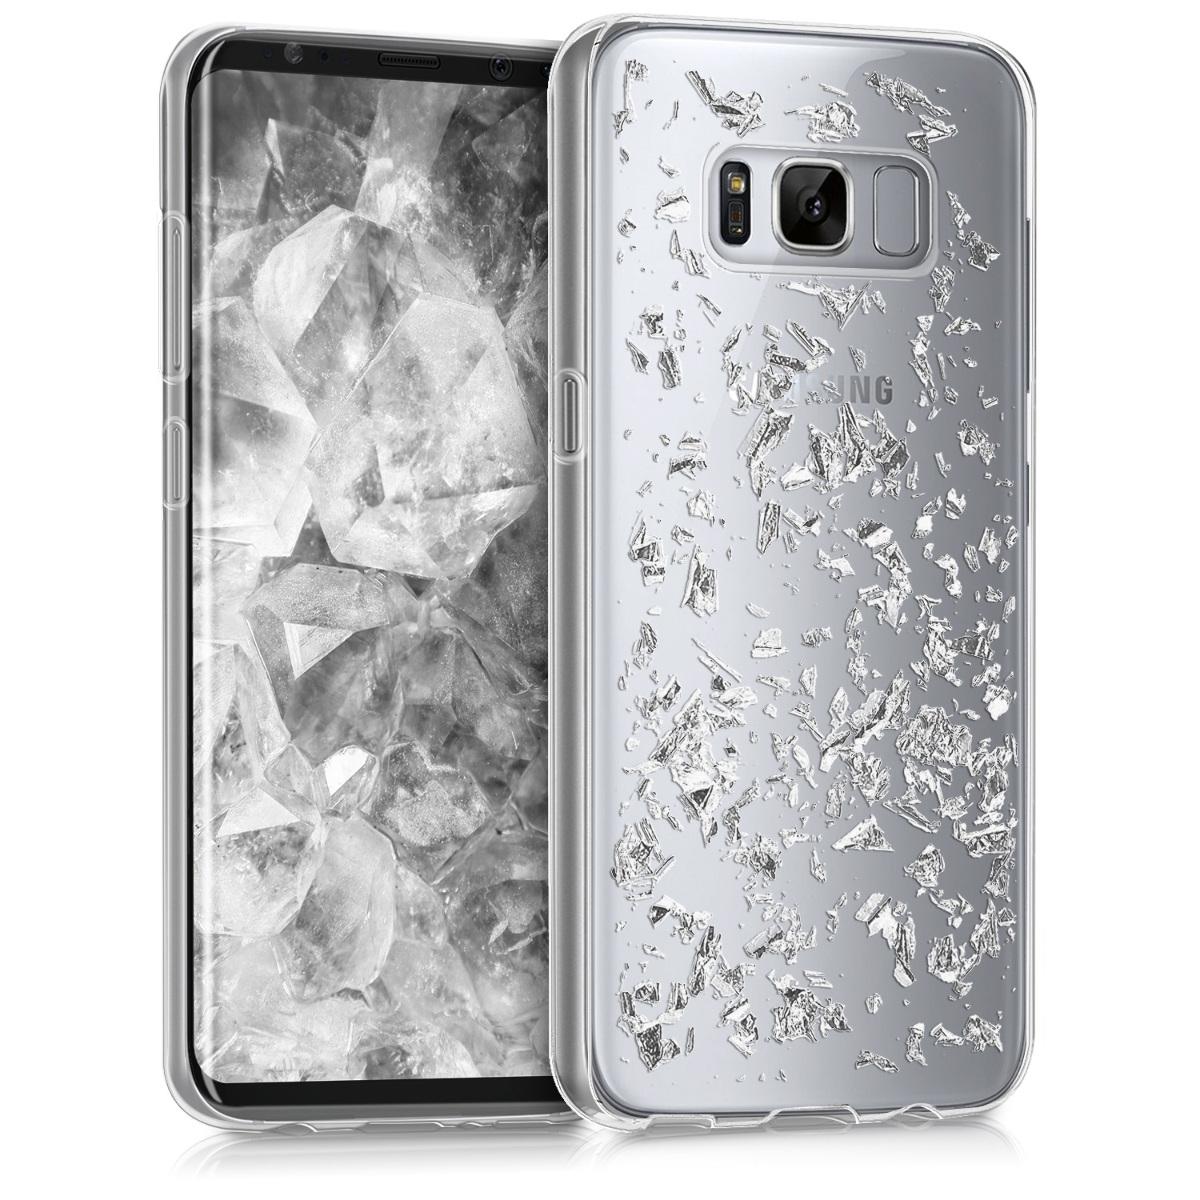 Kvalitní silikonové TPU pouzdro pro Samsung S8 - Vločky stříbrné / transparentní